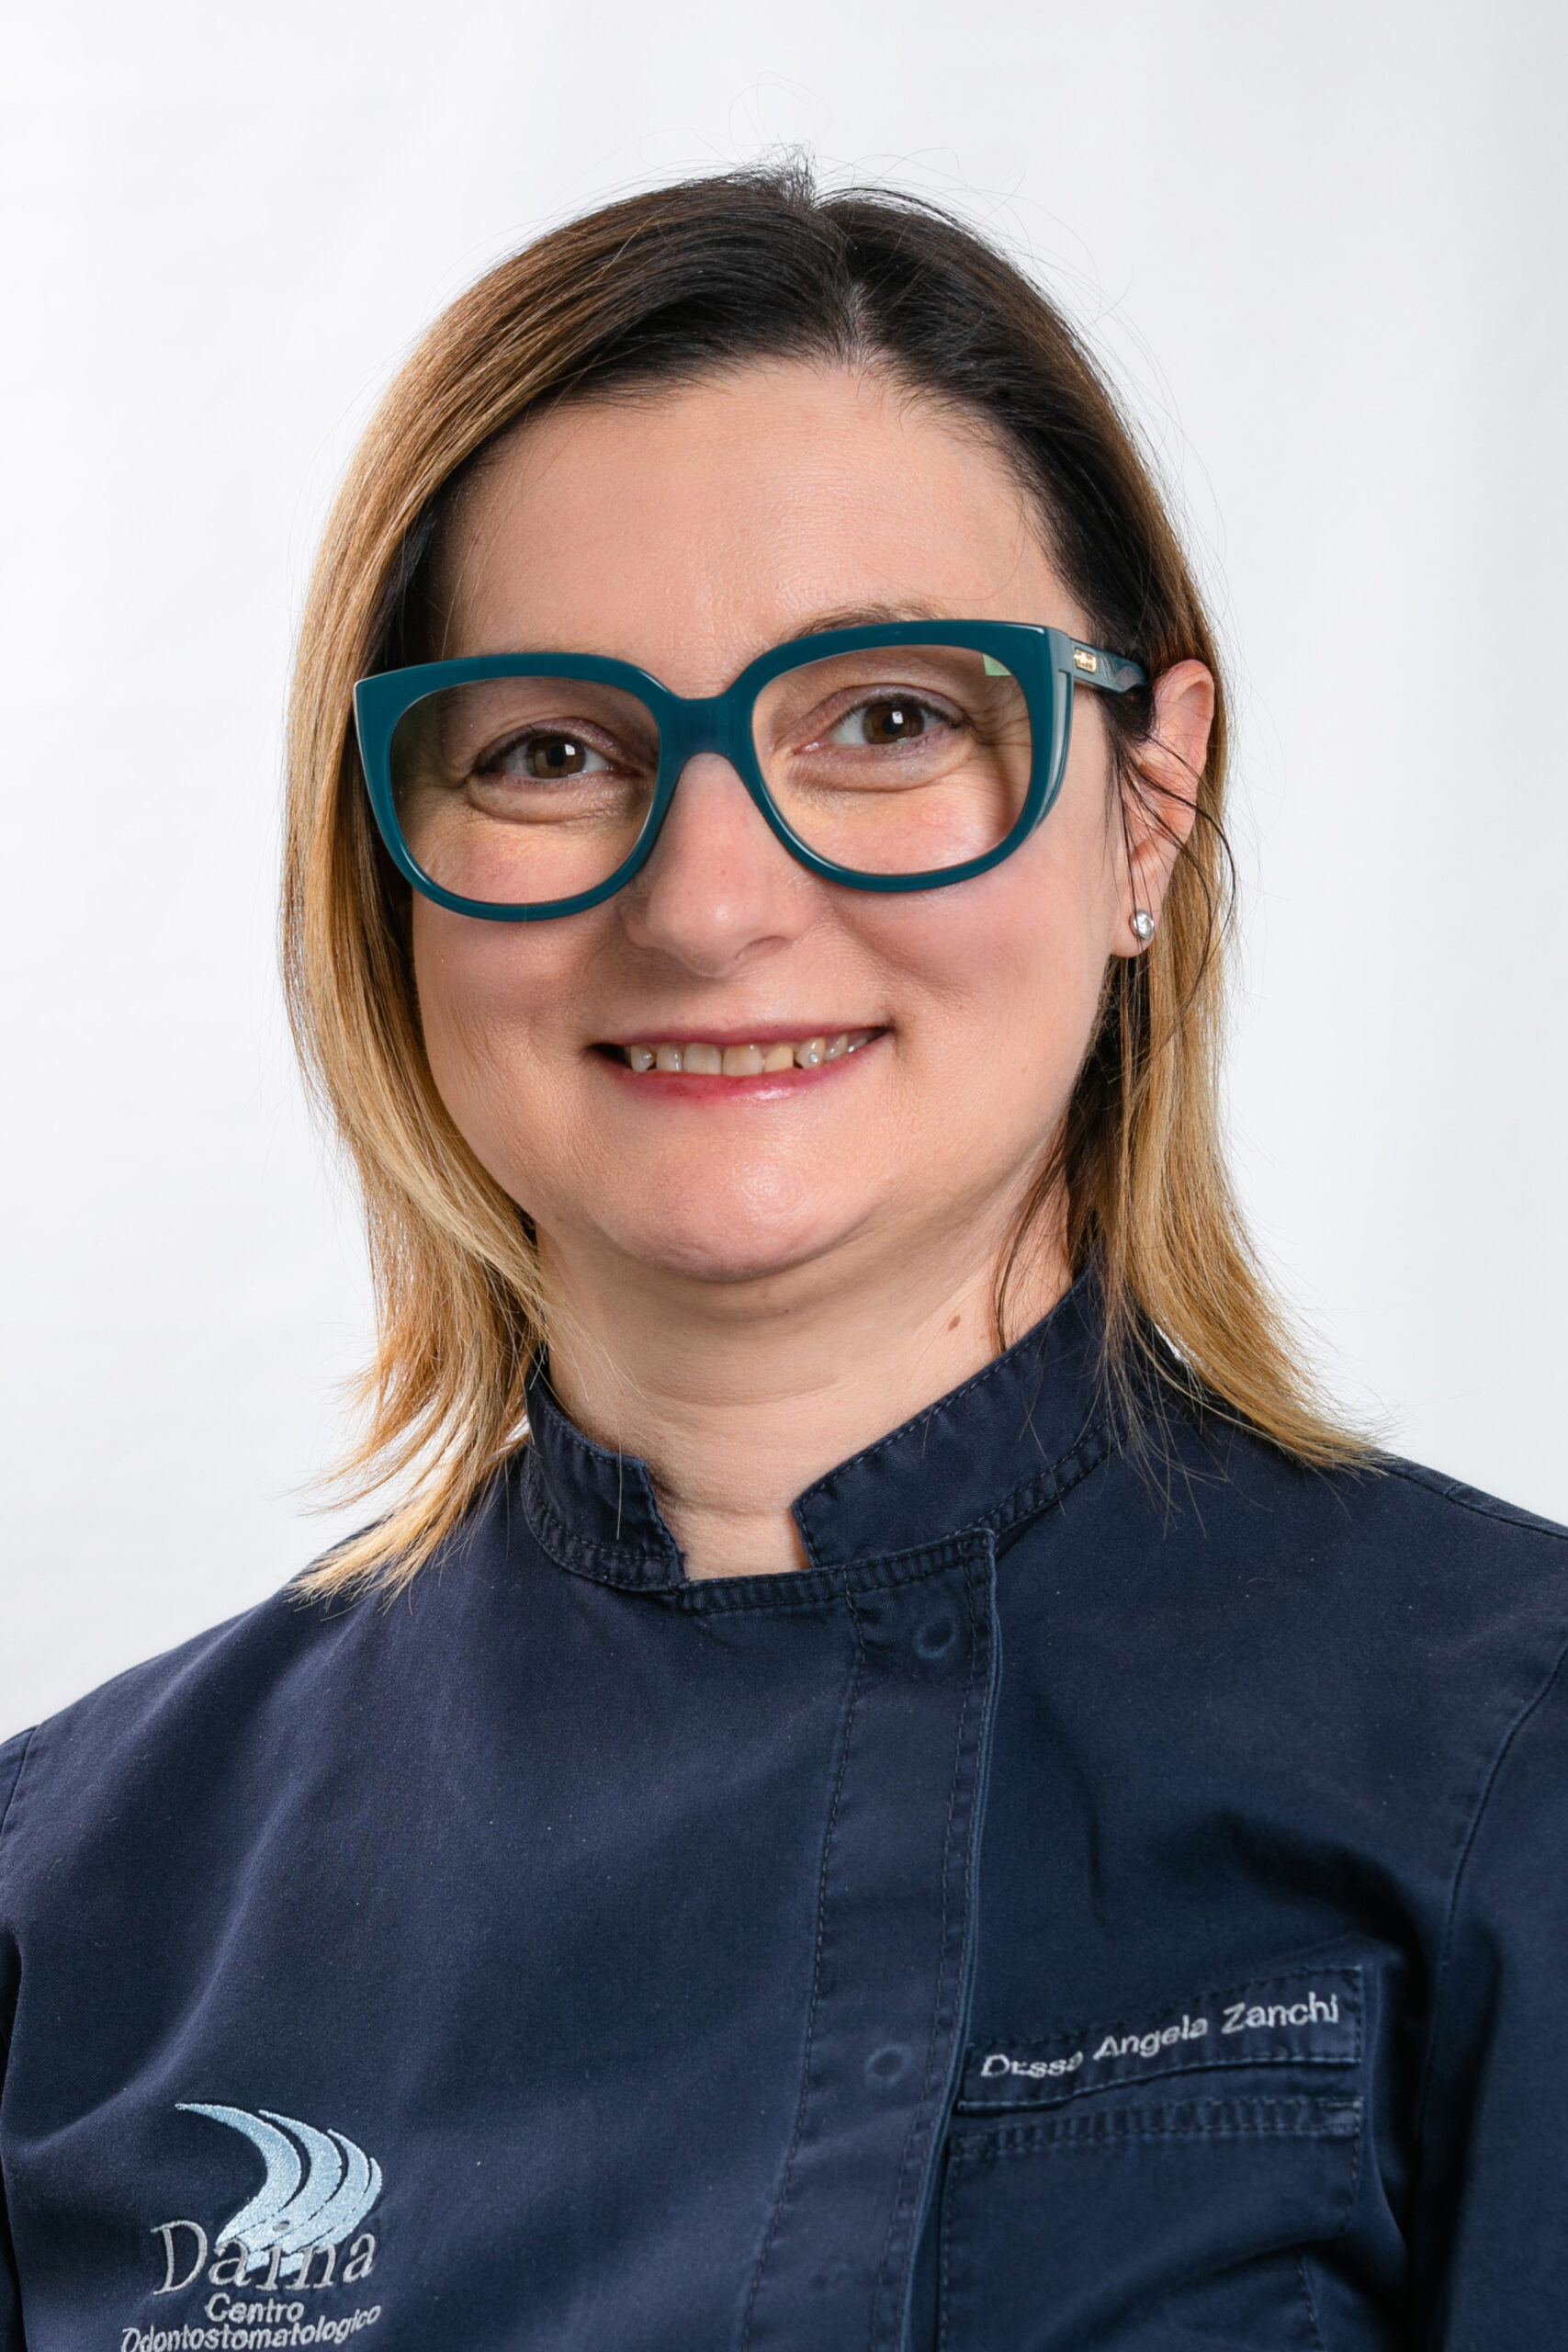 Dott.ssa Angela Zanchi